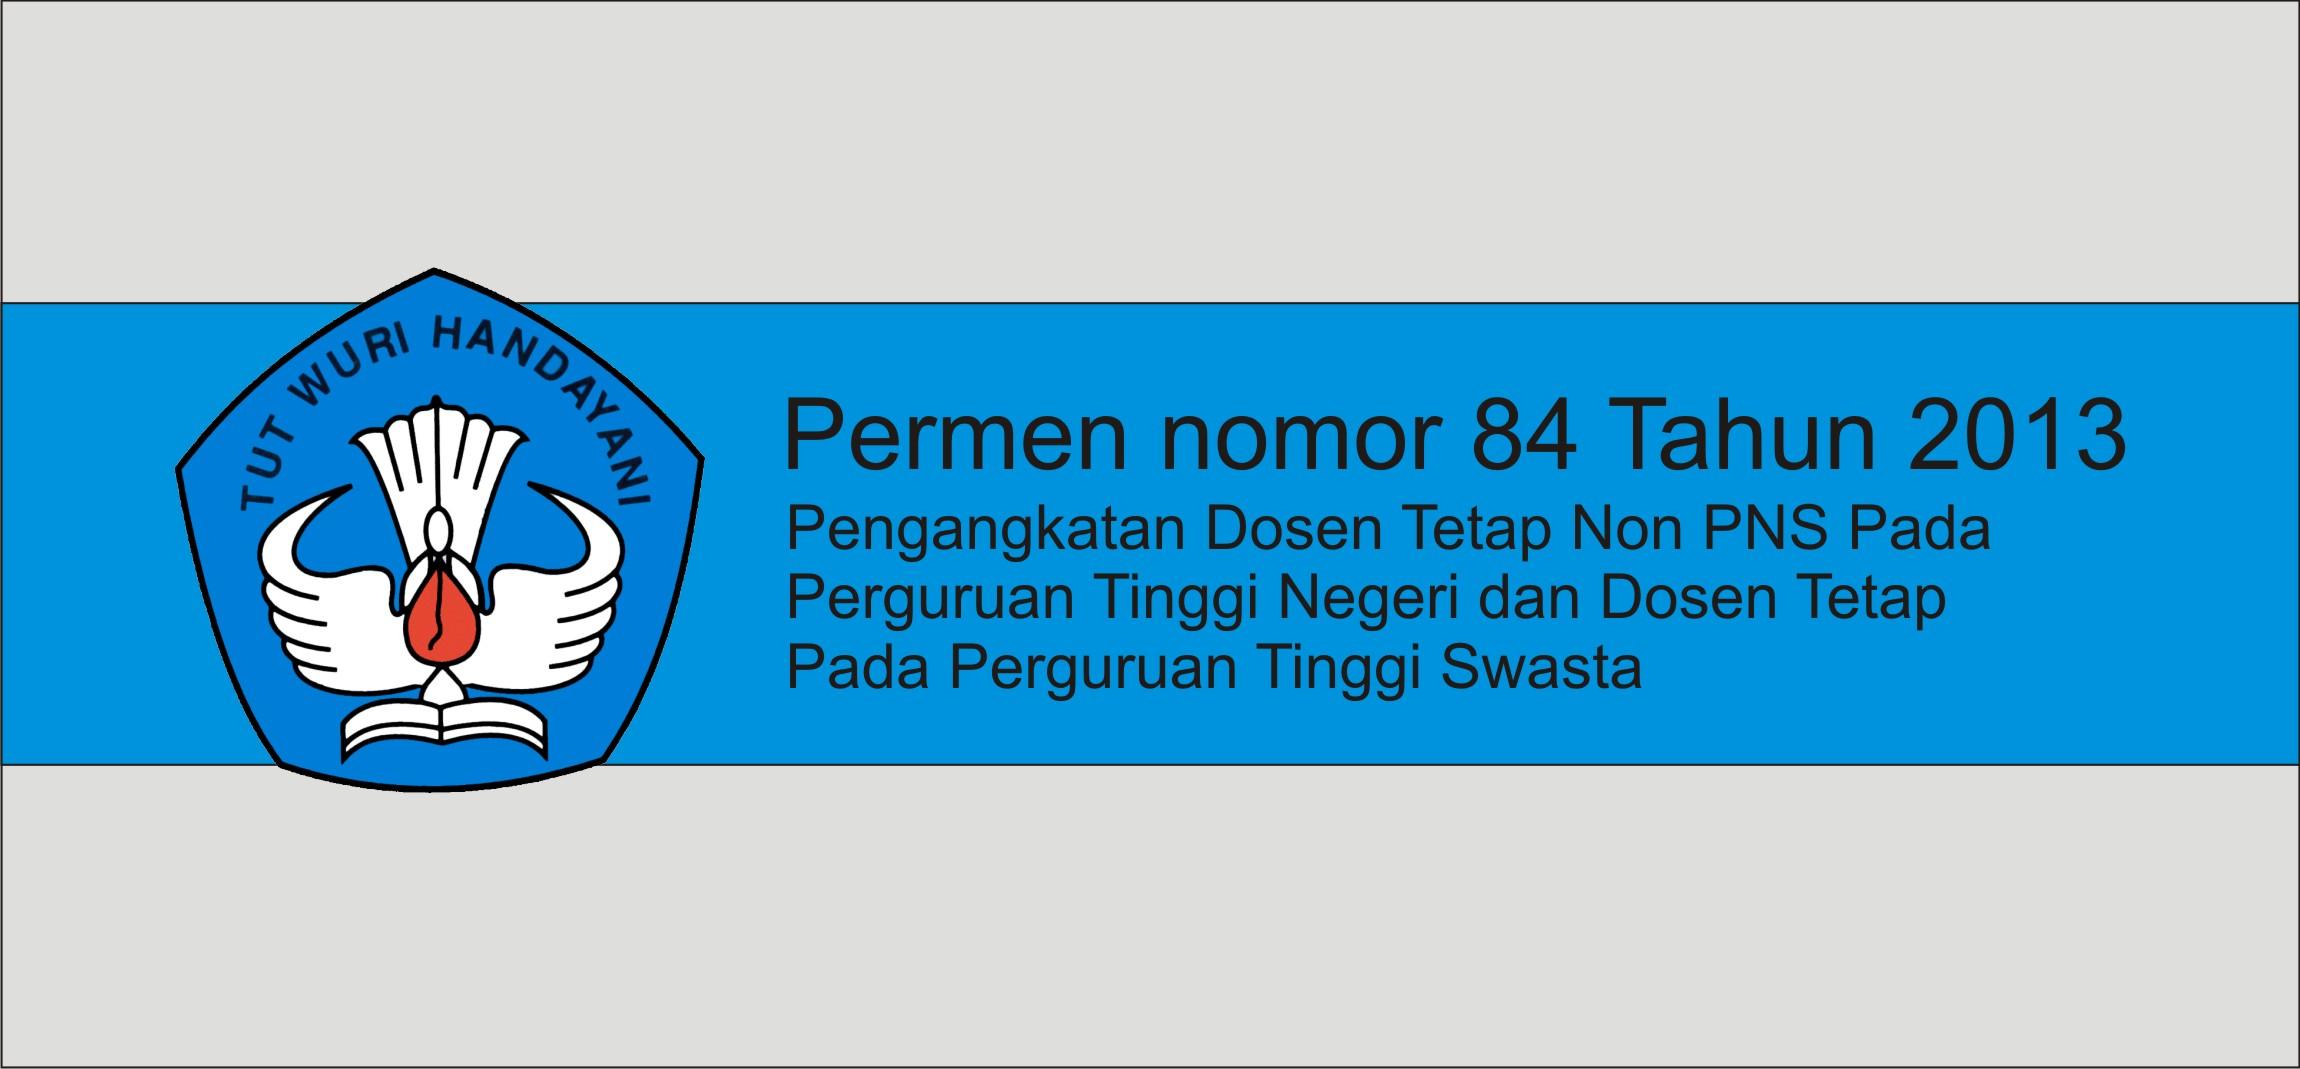 Permen nomor 84 tahun 2013